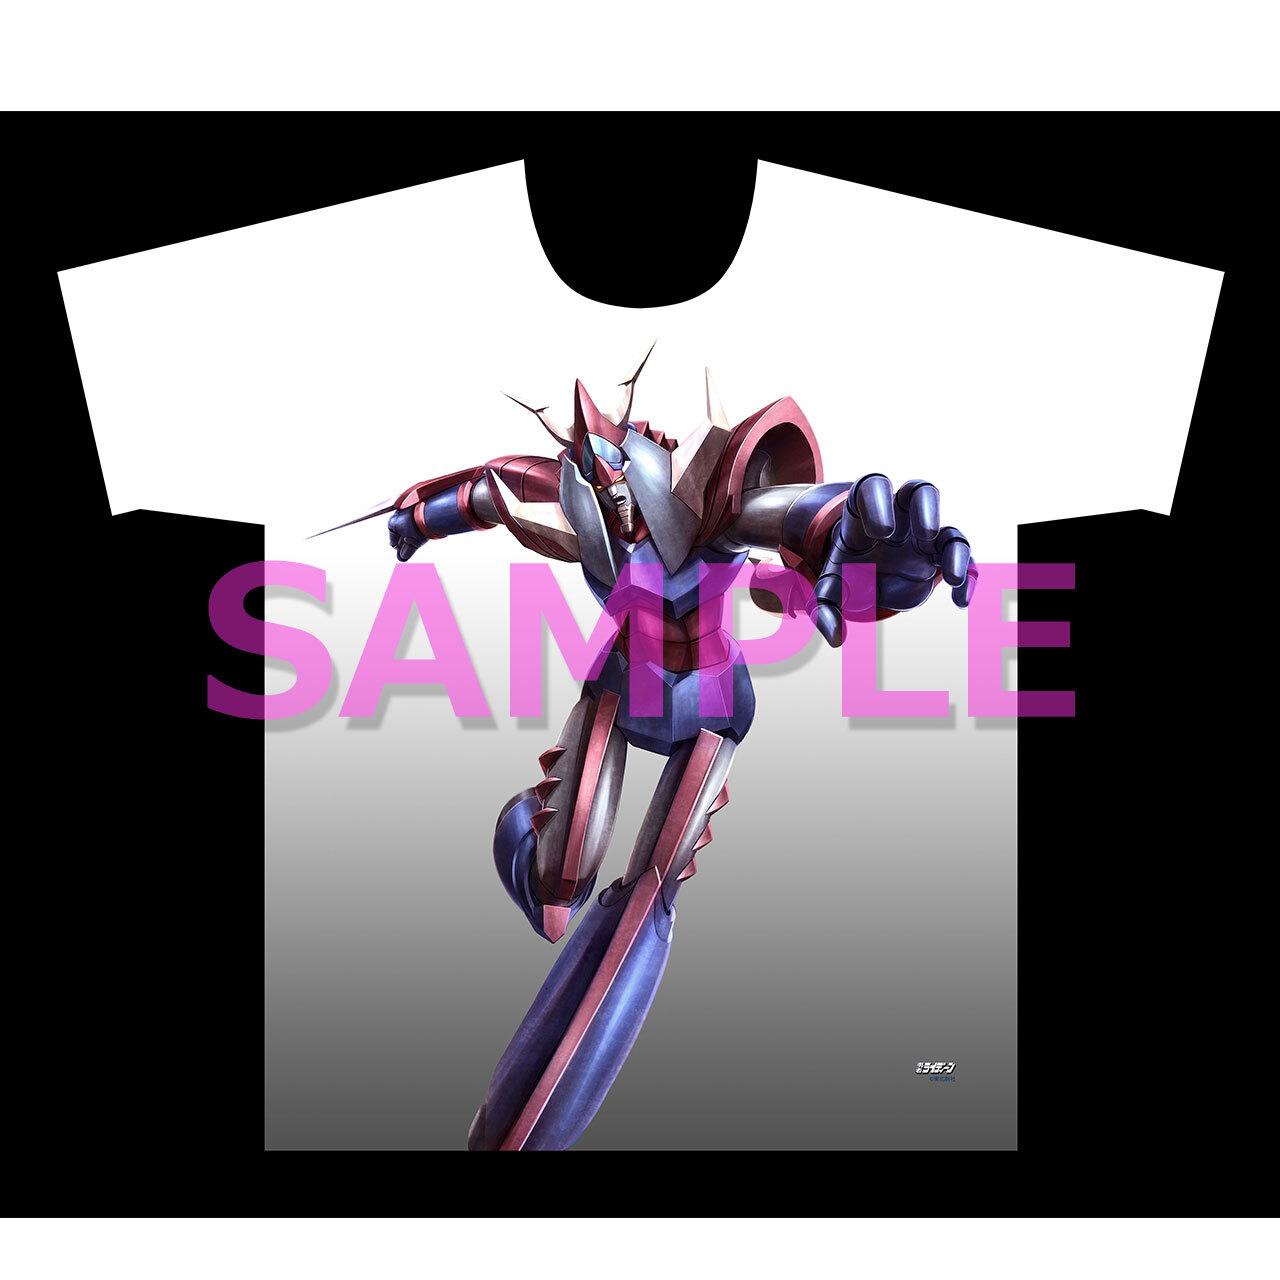 【4589839358620先】勇者ライディーン フルグラフィックTシャツ ライディーン飛ぶ XL